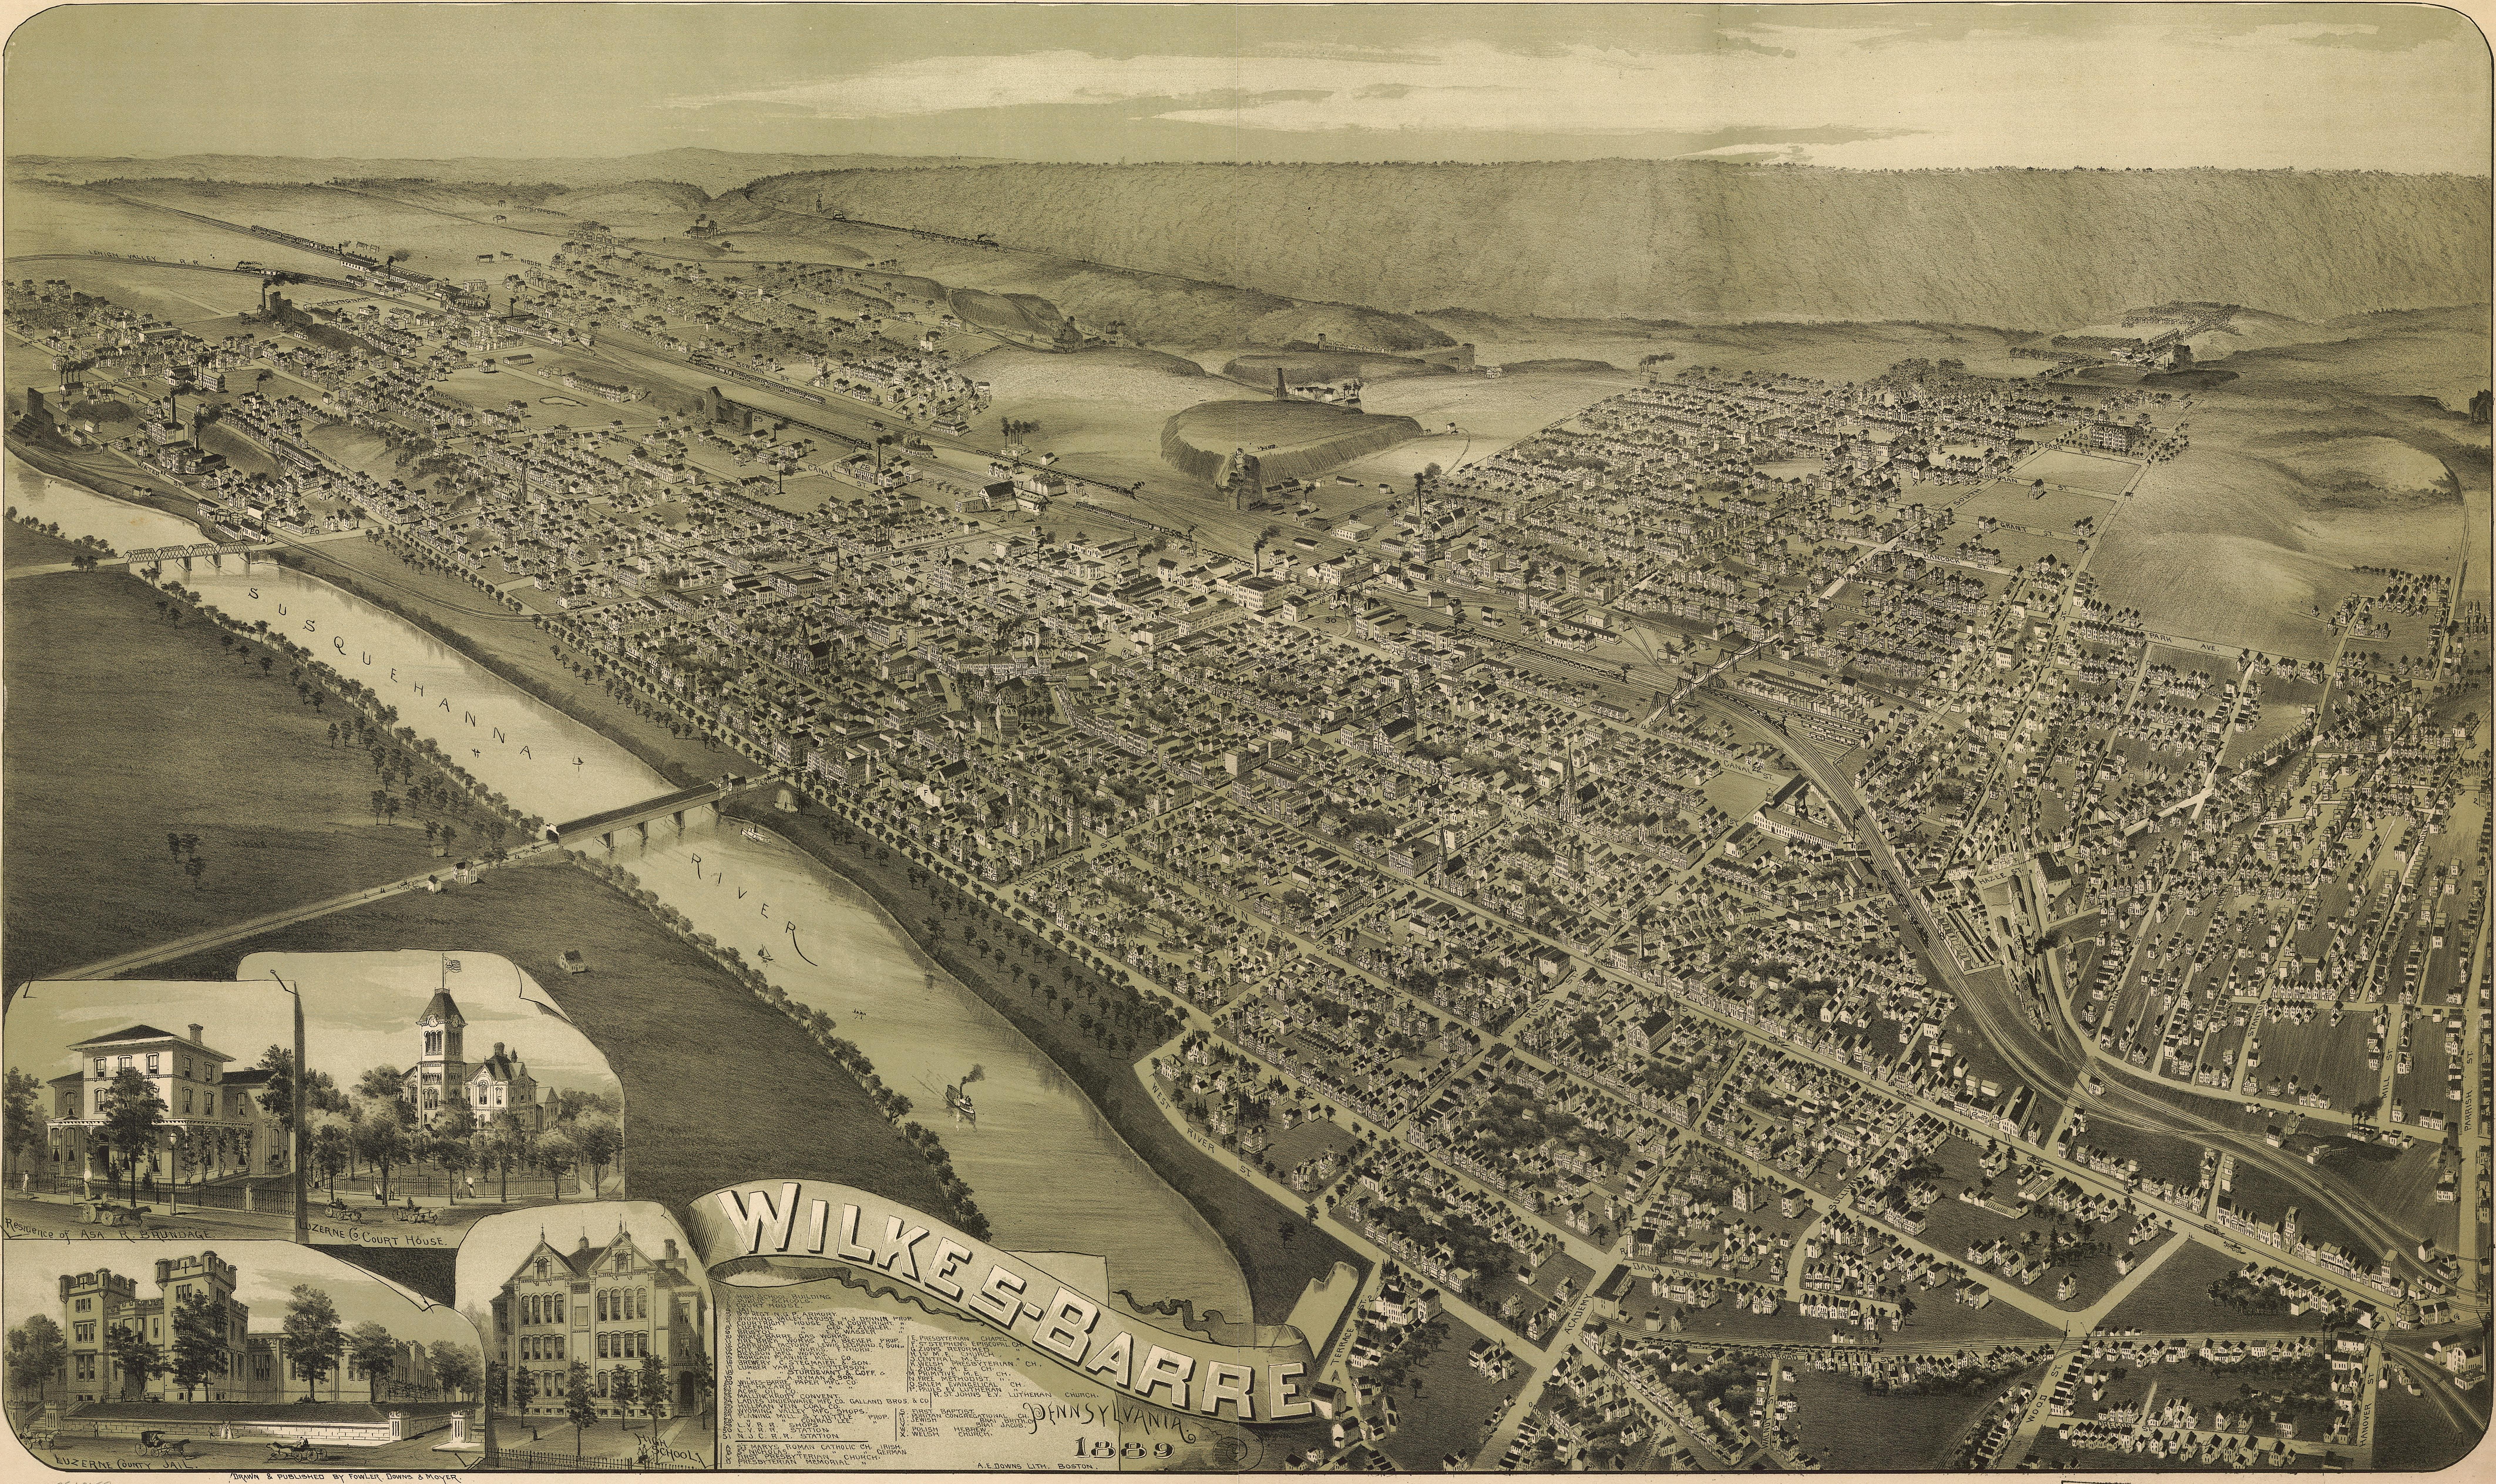 Birdseye view of WilkesBarre Pennsylvania 1889